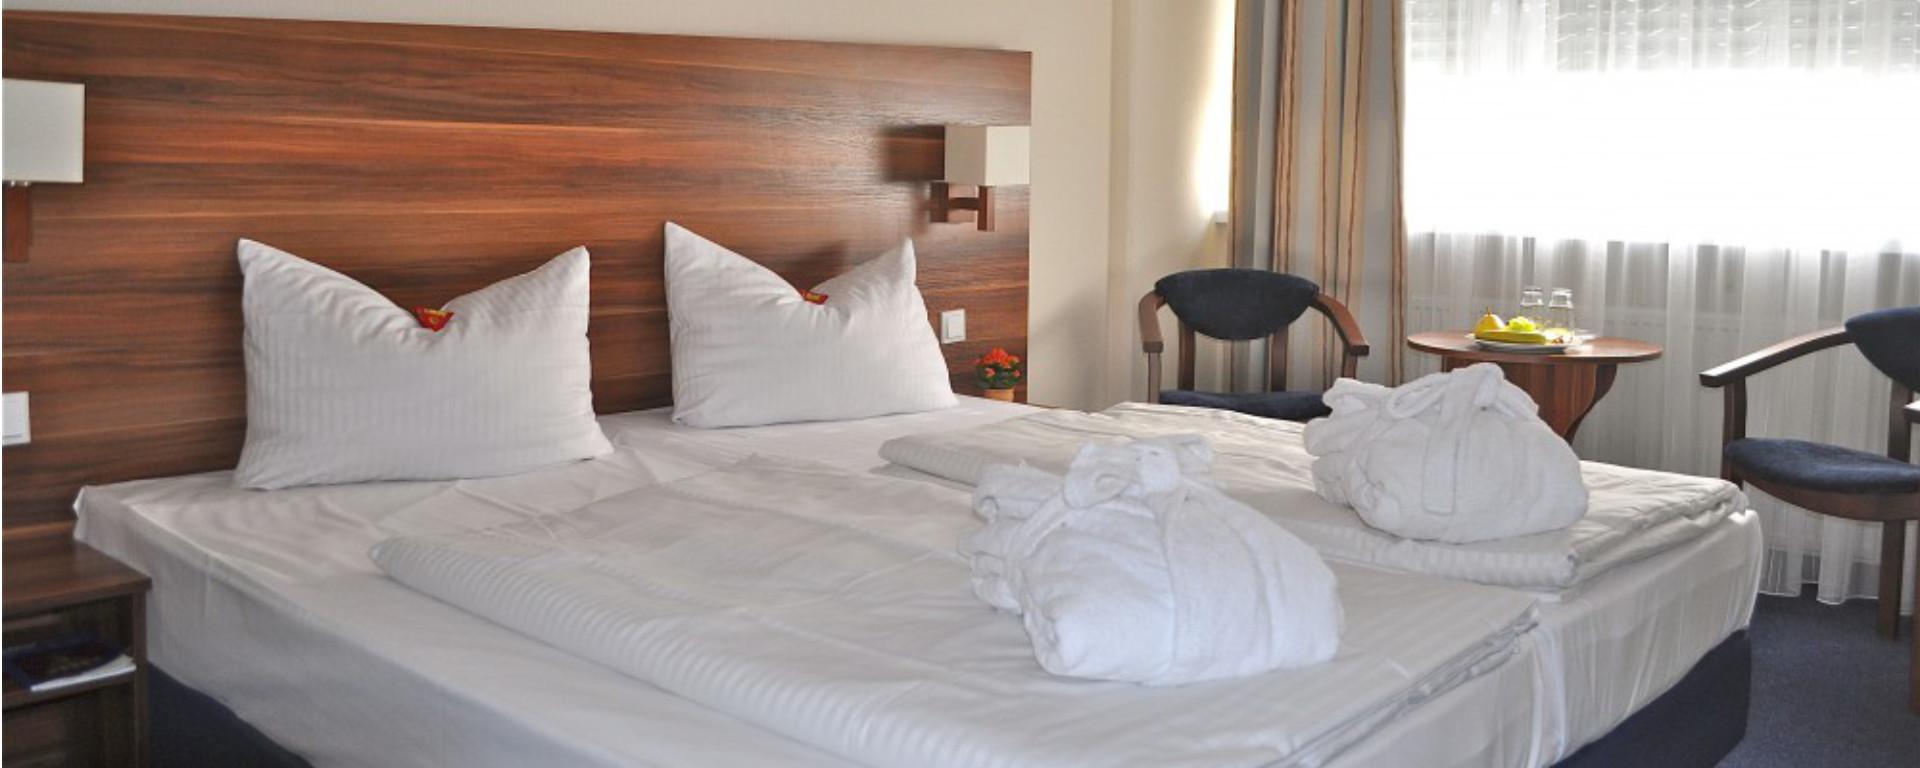 Unterkunft & Zimmer für Ihre Übernachtung